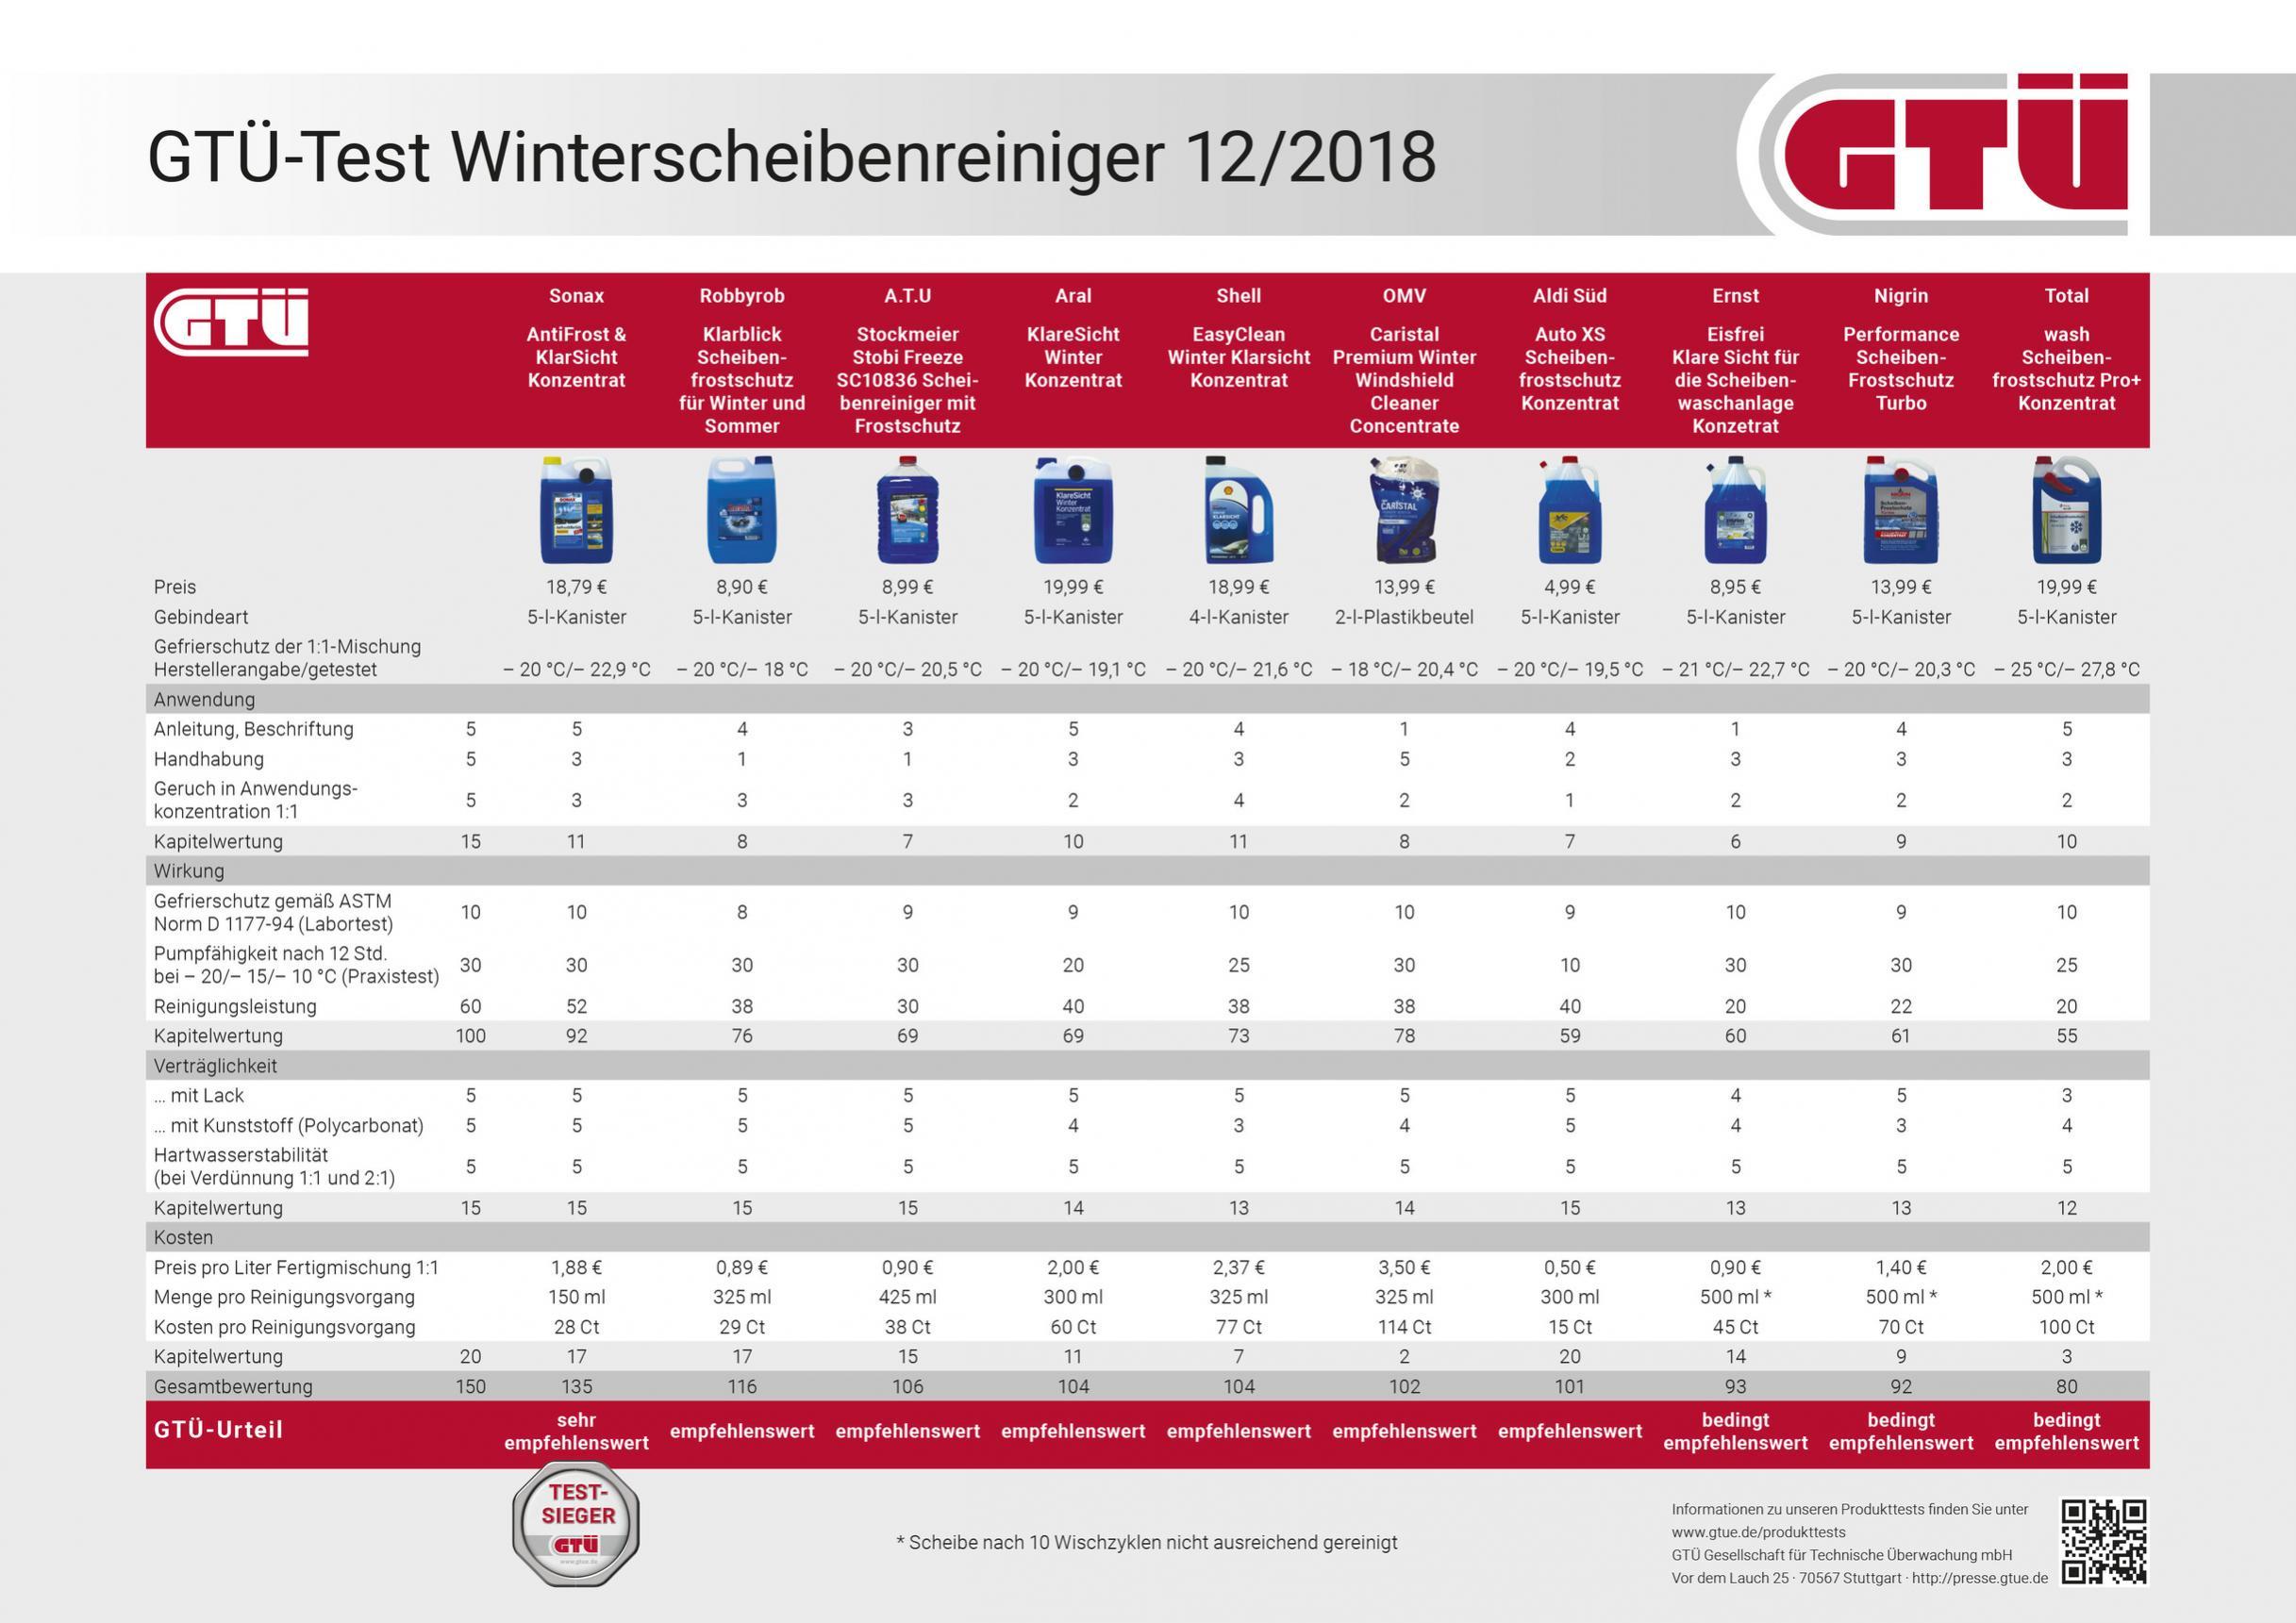 neuer Corsa F auf PSA Basis ab 2019-gwr1-jpg